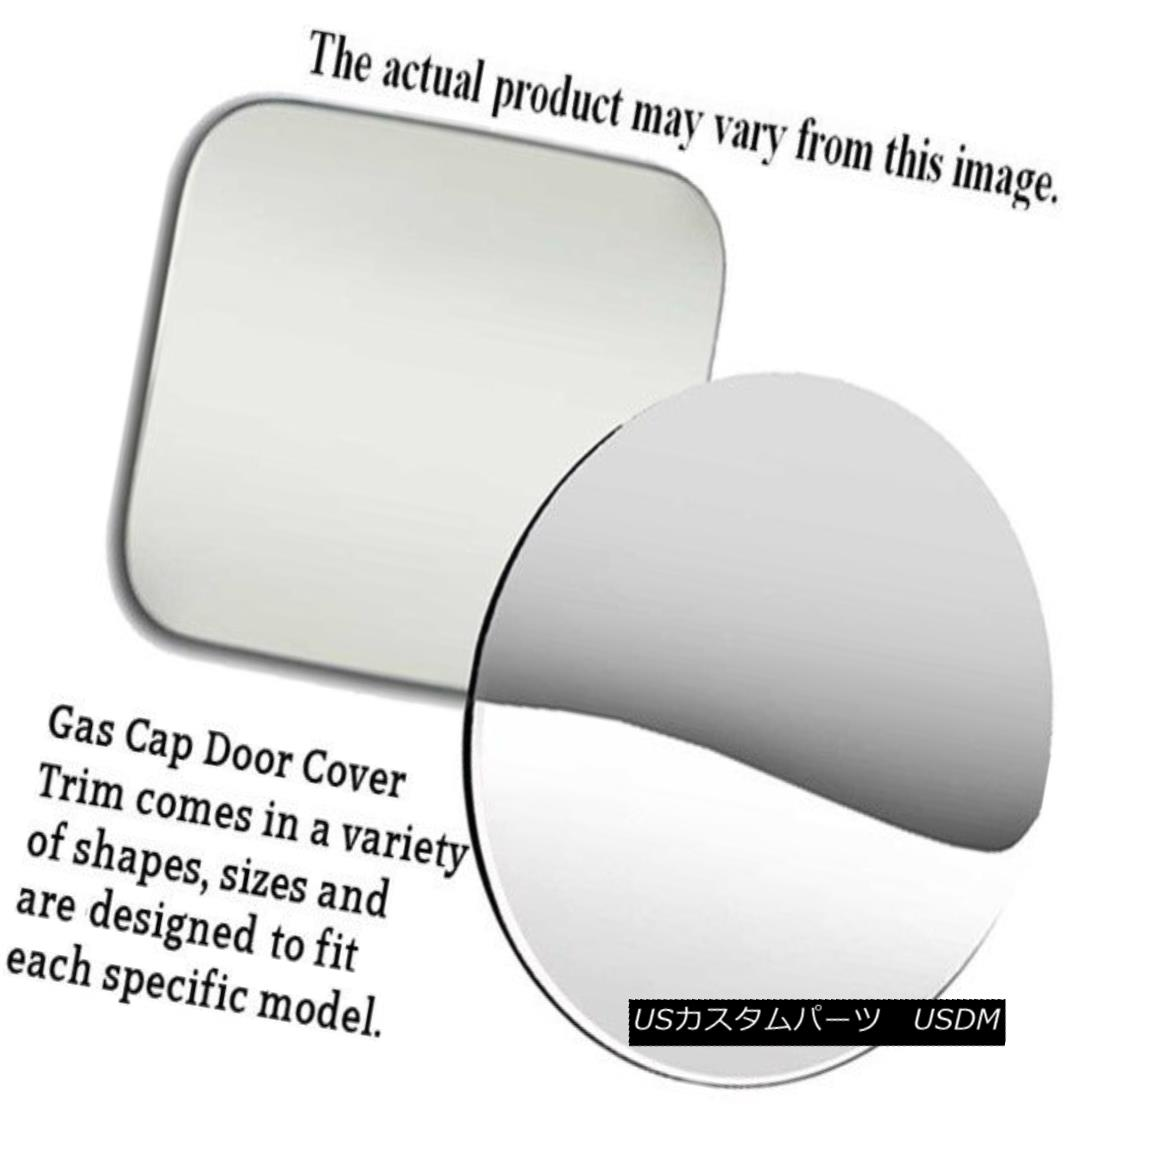 グリル Fits 2006-2009 VOLKSWAGEN GTI 4-door -Stainless Steel GAS CAP DOOR 2006年?2009年のフォルクスワーゲンGTI 4ドアステンレススチール製ガスケットドアに適合